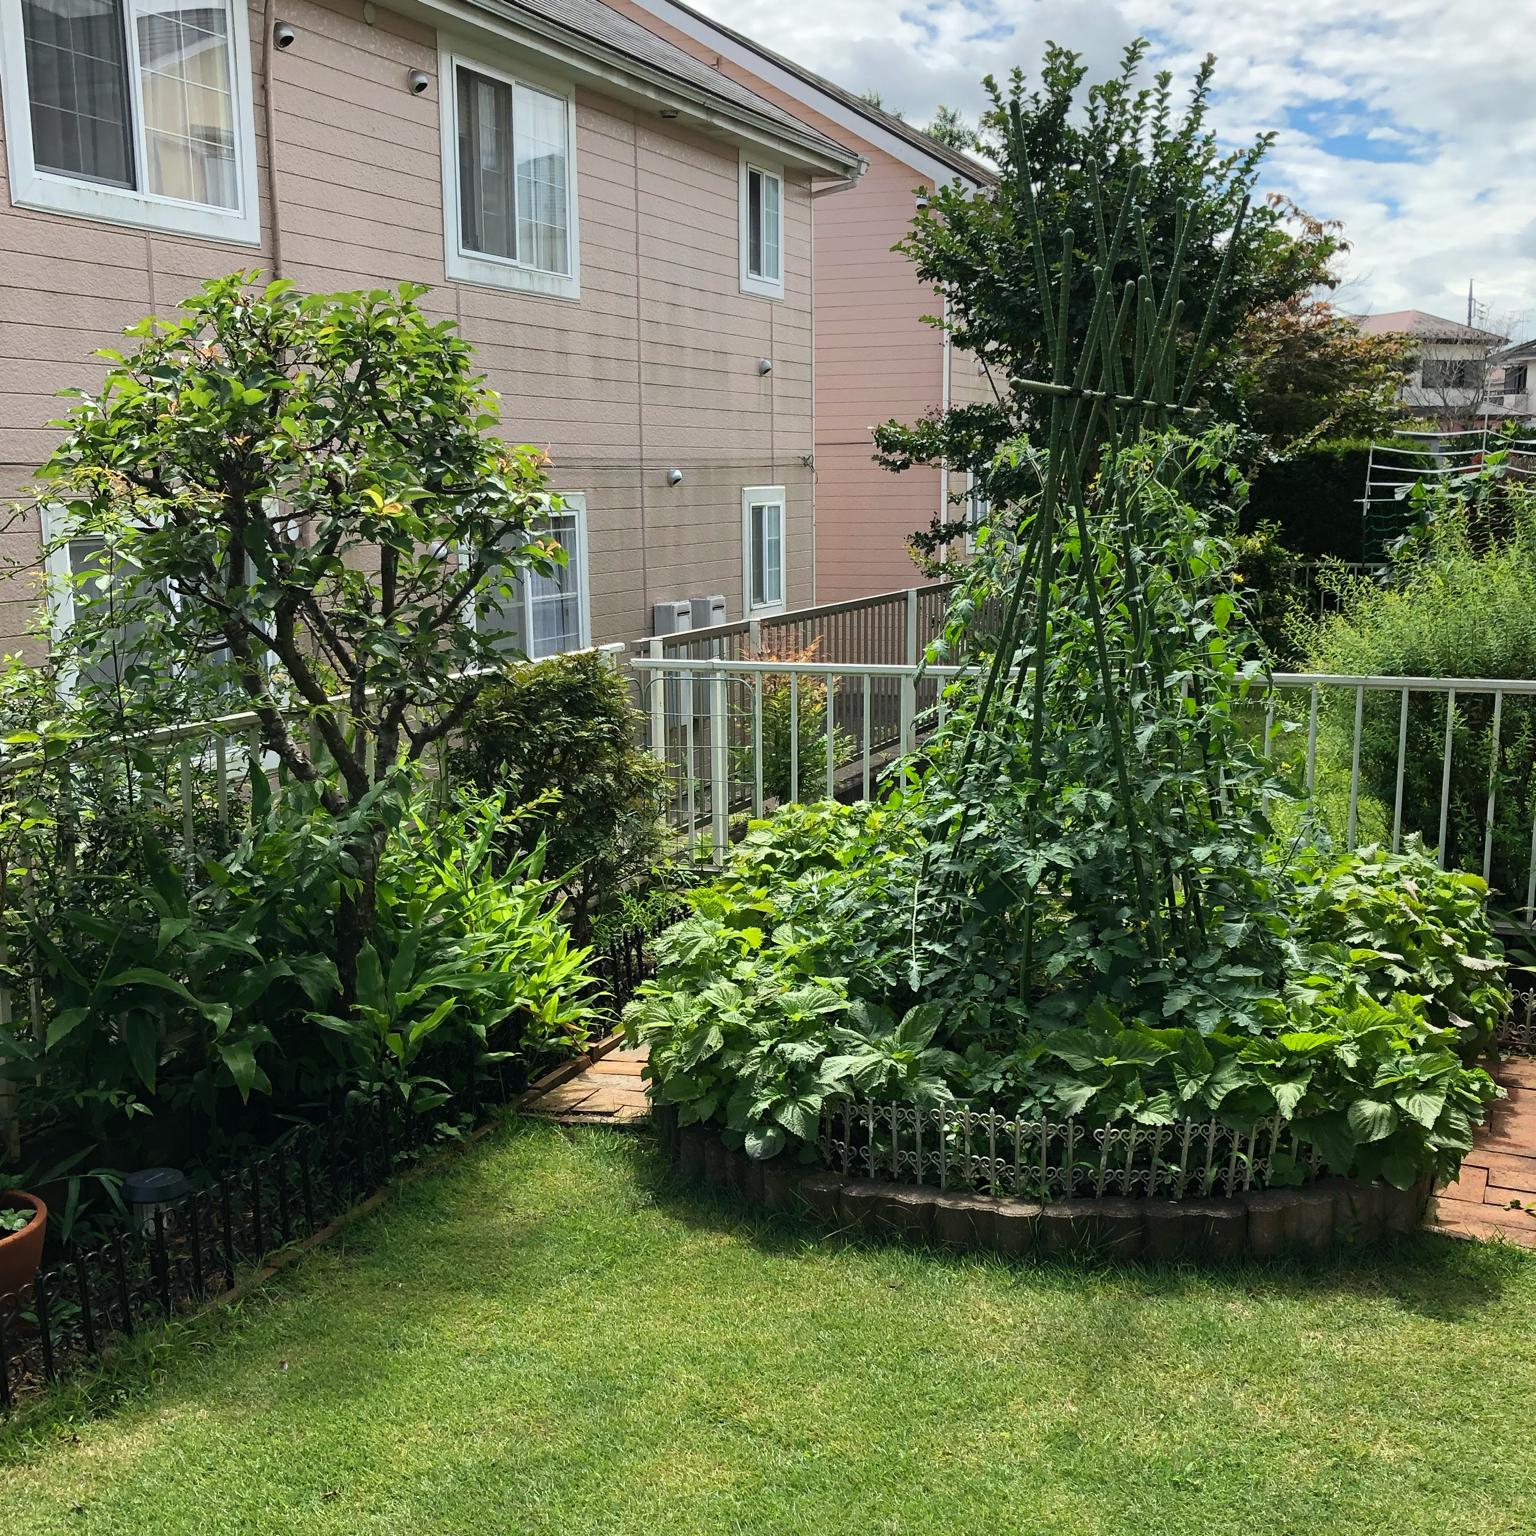 家庭菜園/DIY/花のある暮らしのインテリア実例 - 2021-09-17 01:47:03